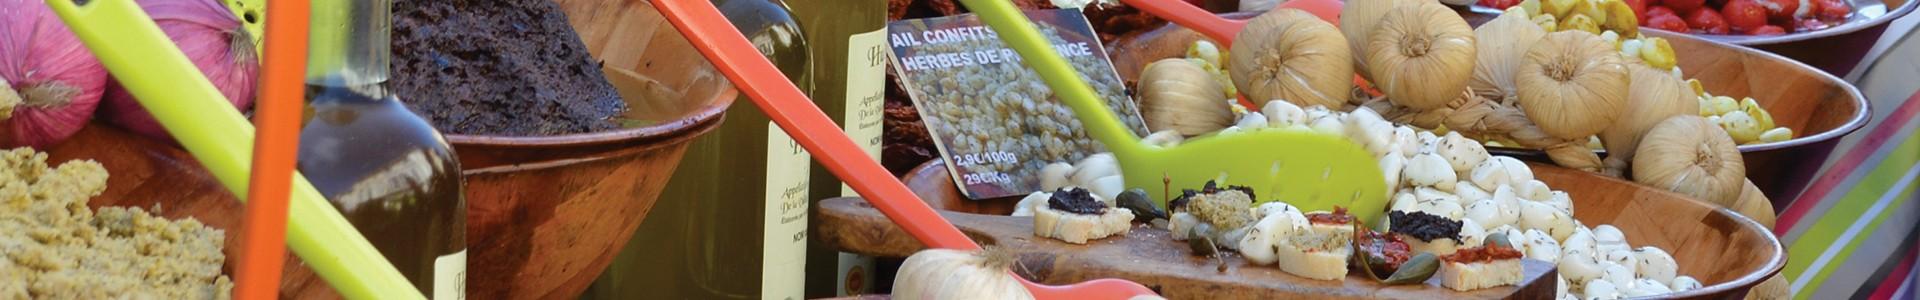 le marché provençal à Istres